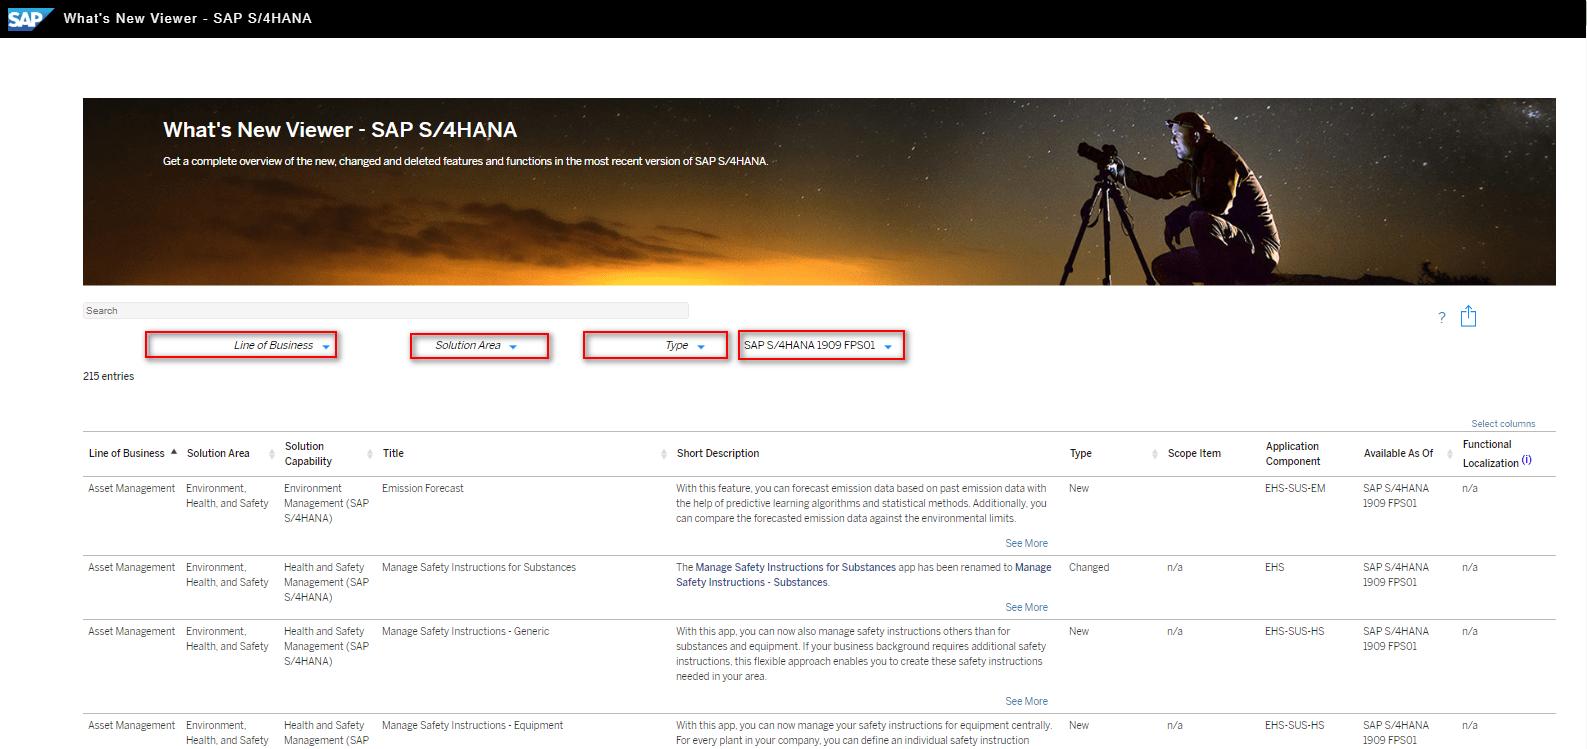 Blog Screen Whats new viewer Filter - What's new viewer: Alle neuen und geänderten Funktionen von SAP S/4HANA auf einen Blick